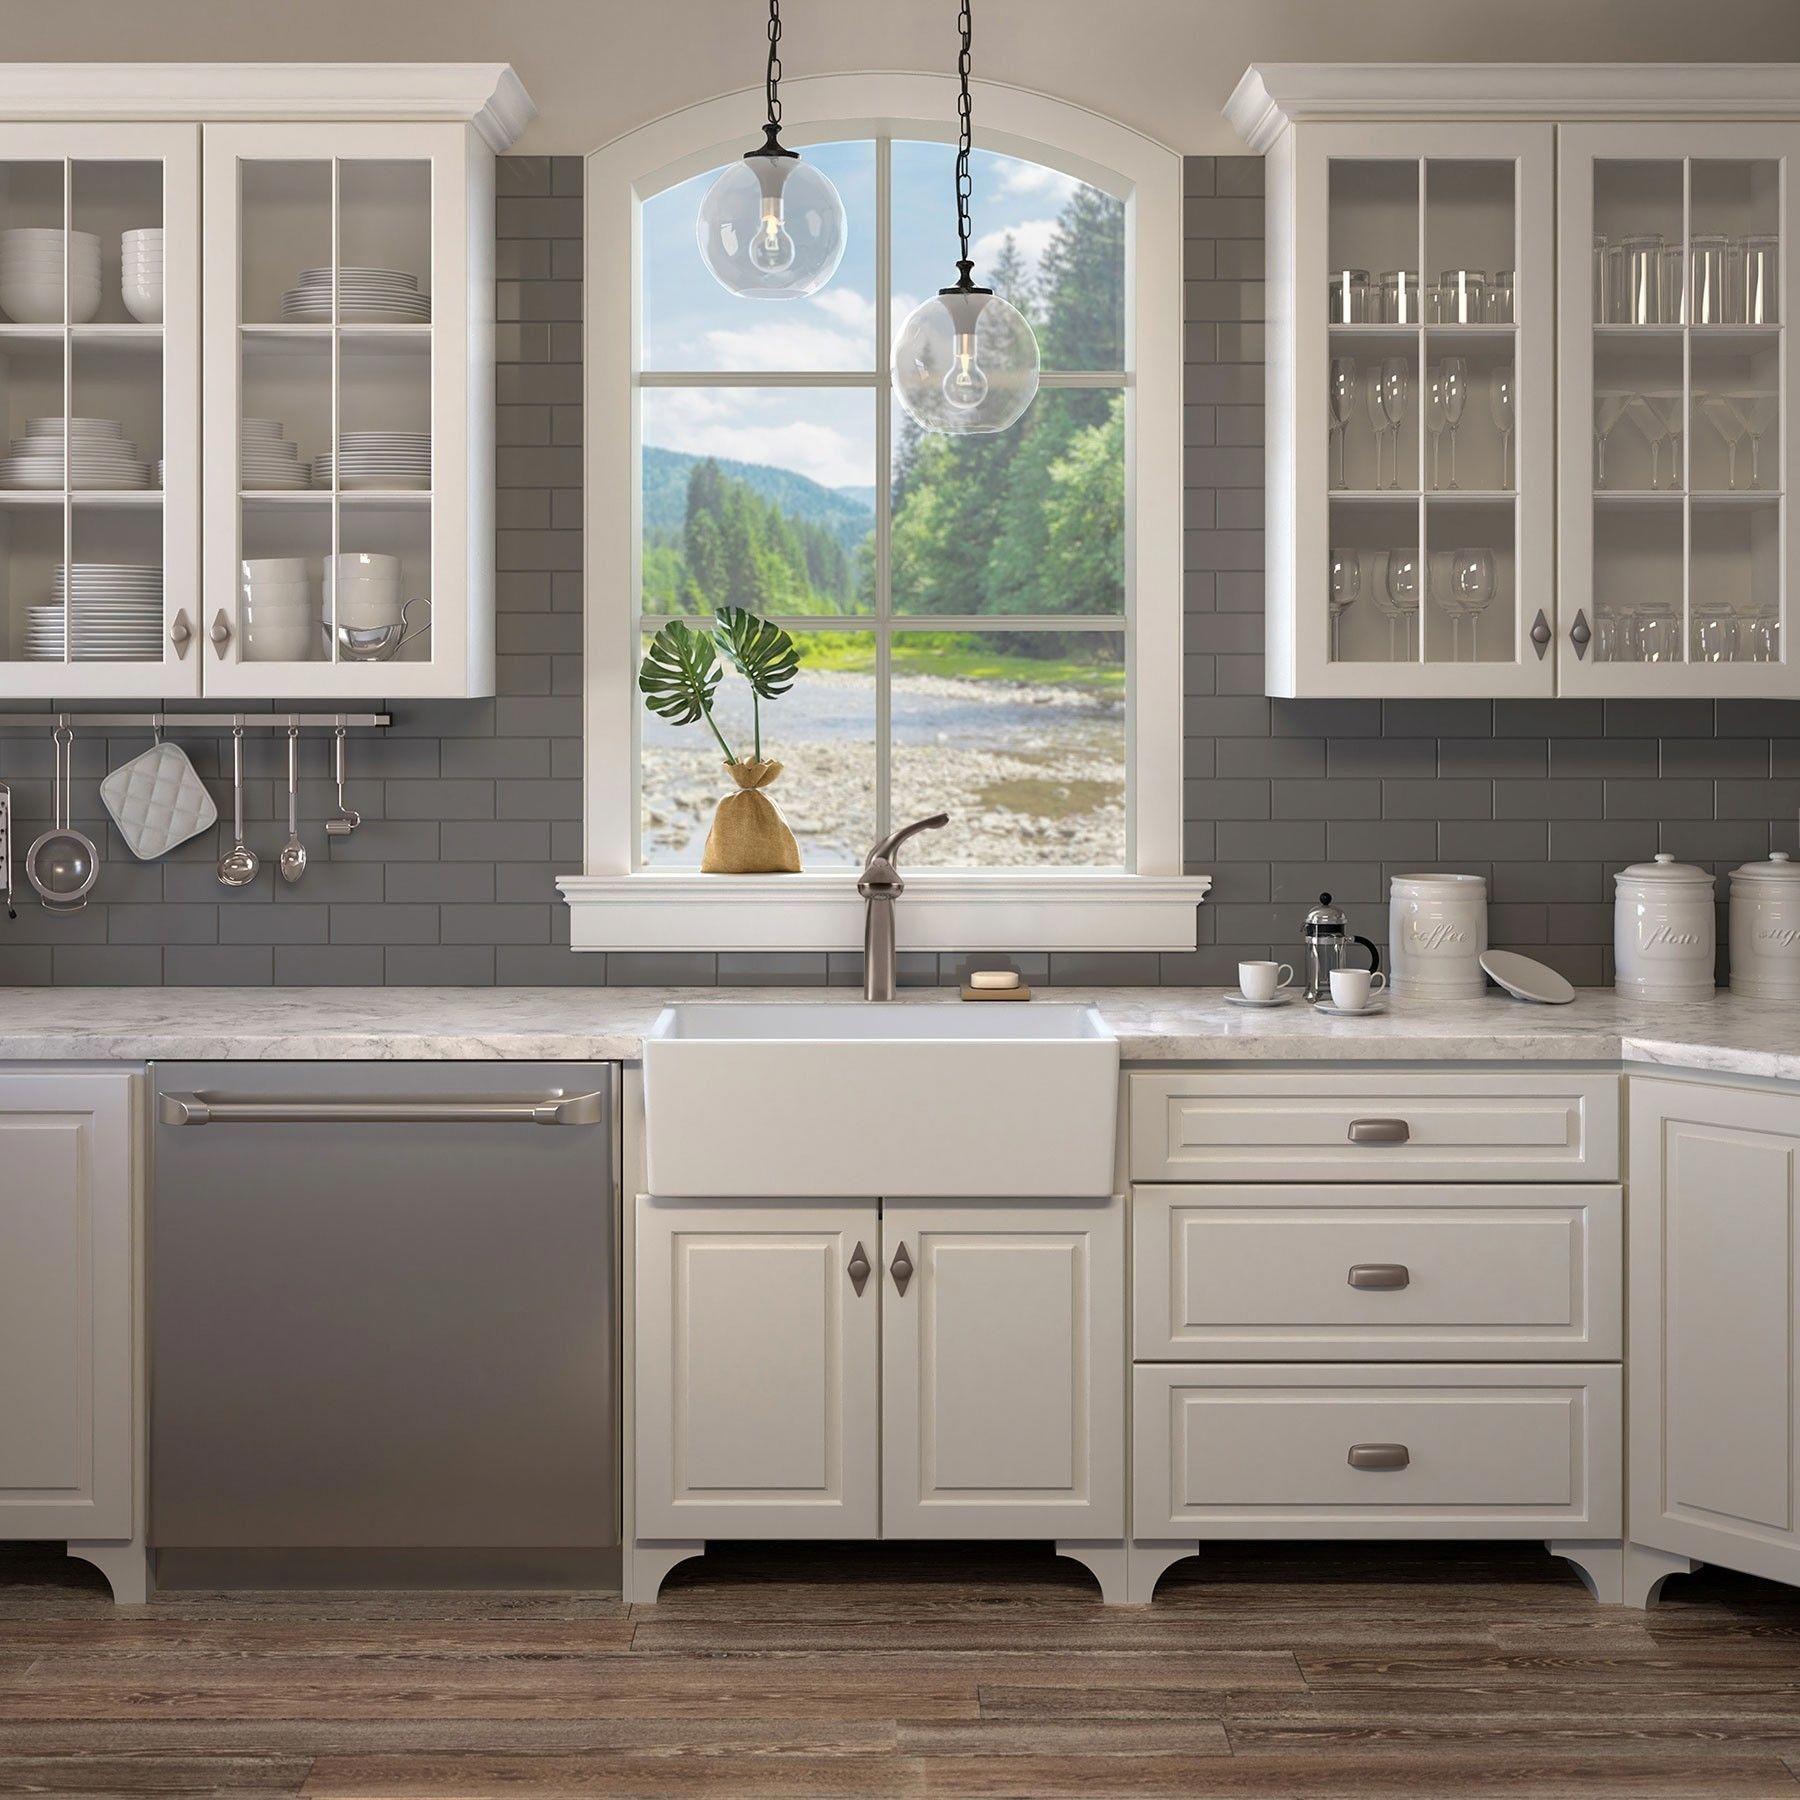 Surrey 30 Inch Fireclay Farmhouse Kitchen Sink Kitchen Apron